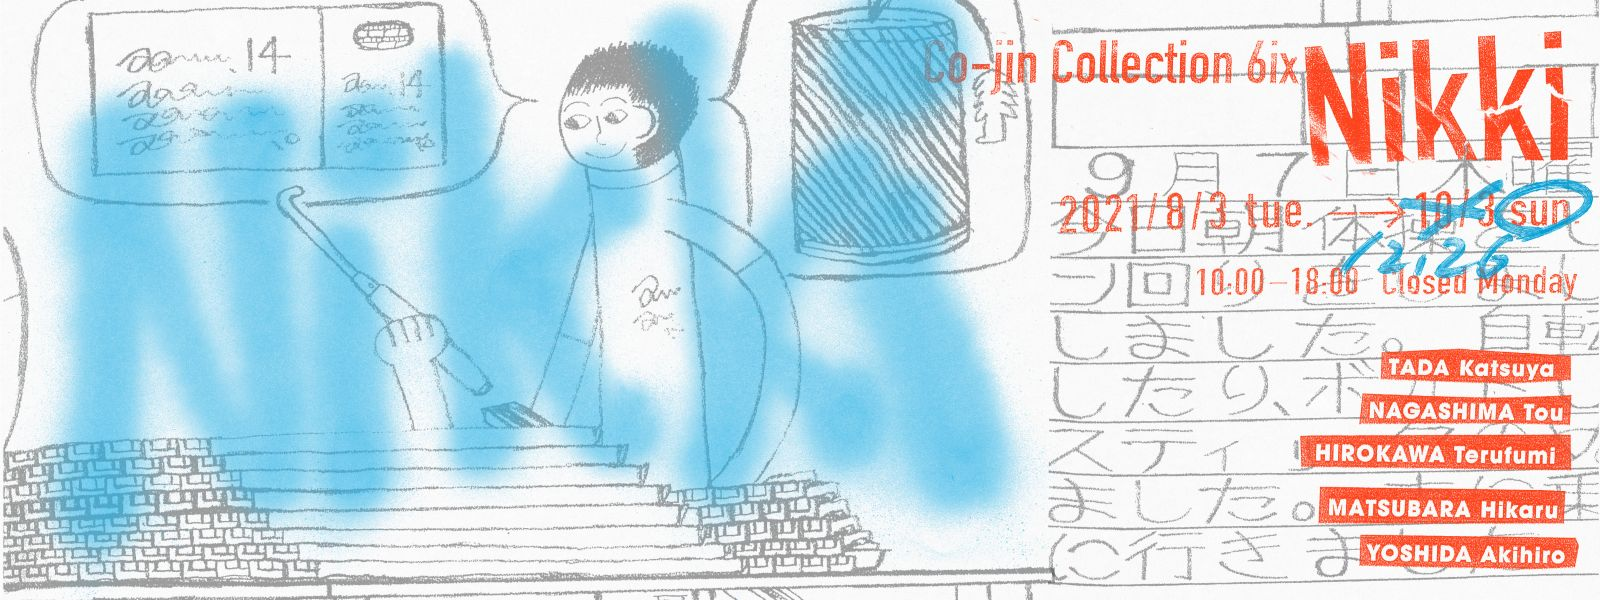 展覧会ウェブバナー、唯勝也の日記「1995年9月7日」(部分)